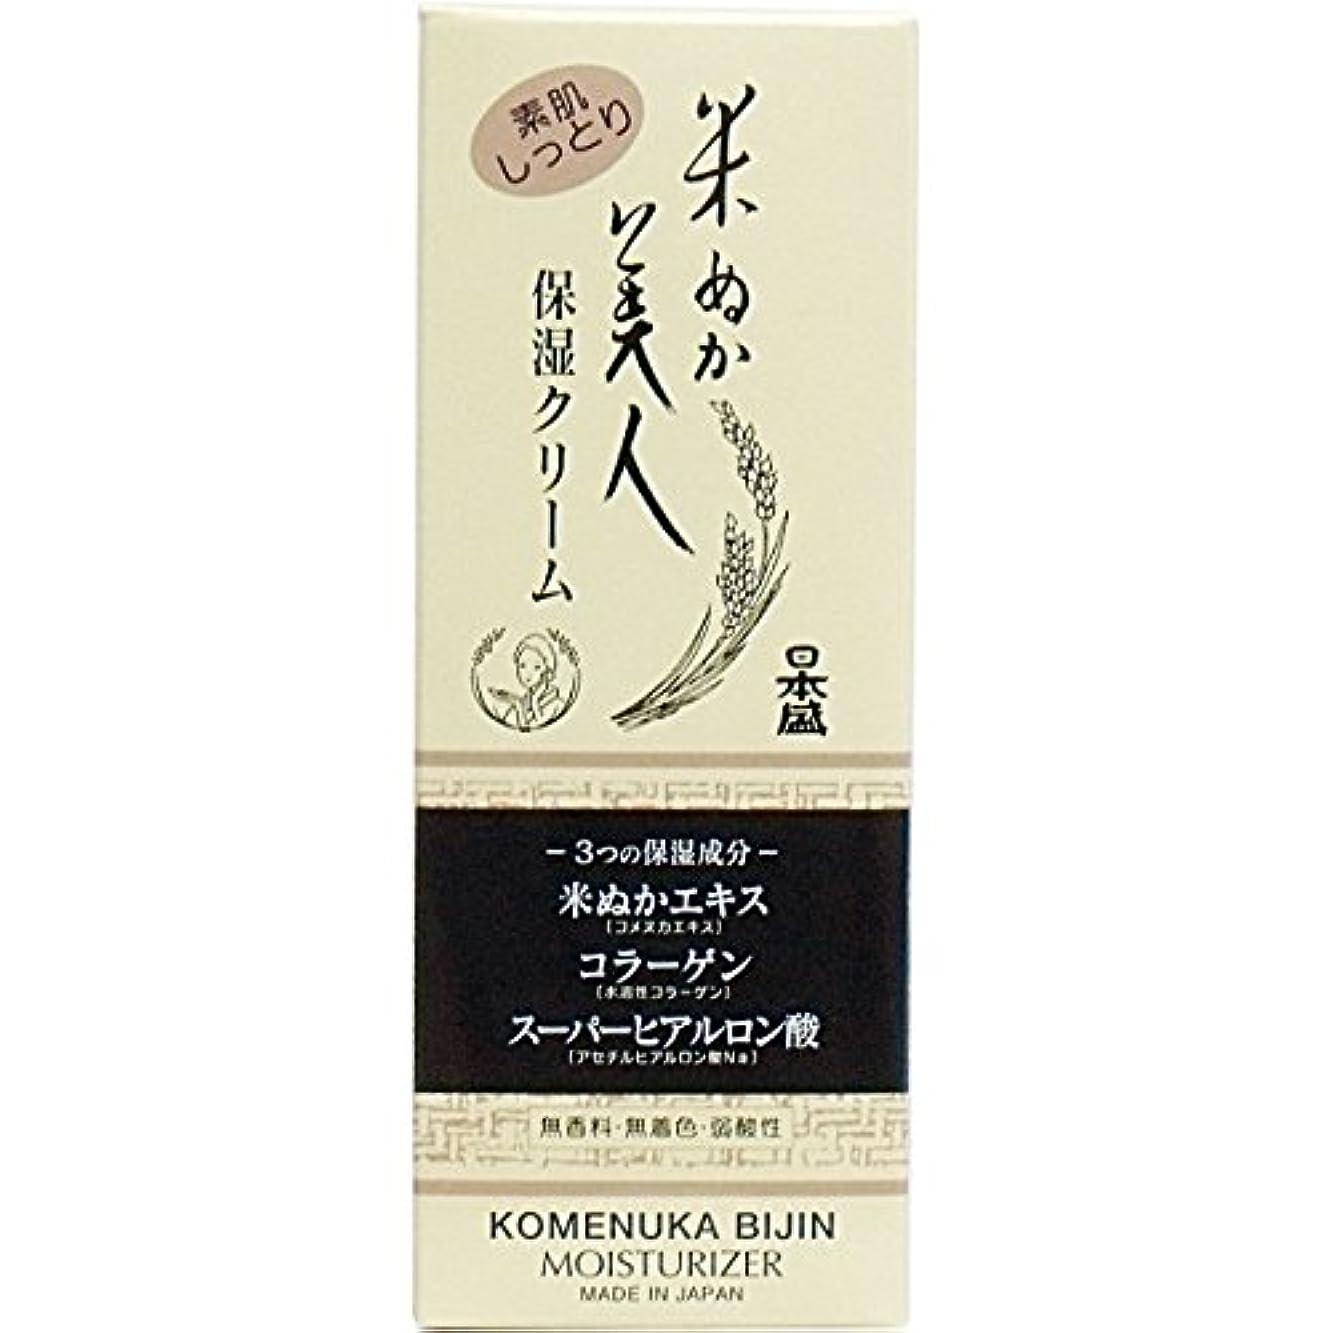 試み政治的酸っぱい【日本盛】米ぬか美人 保湿クリーム 35g